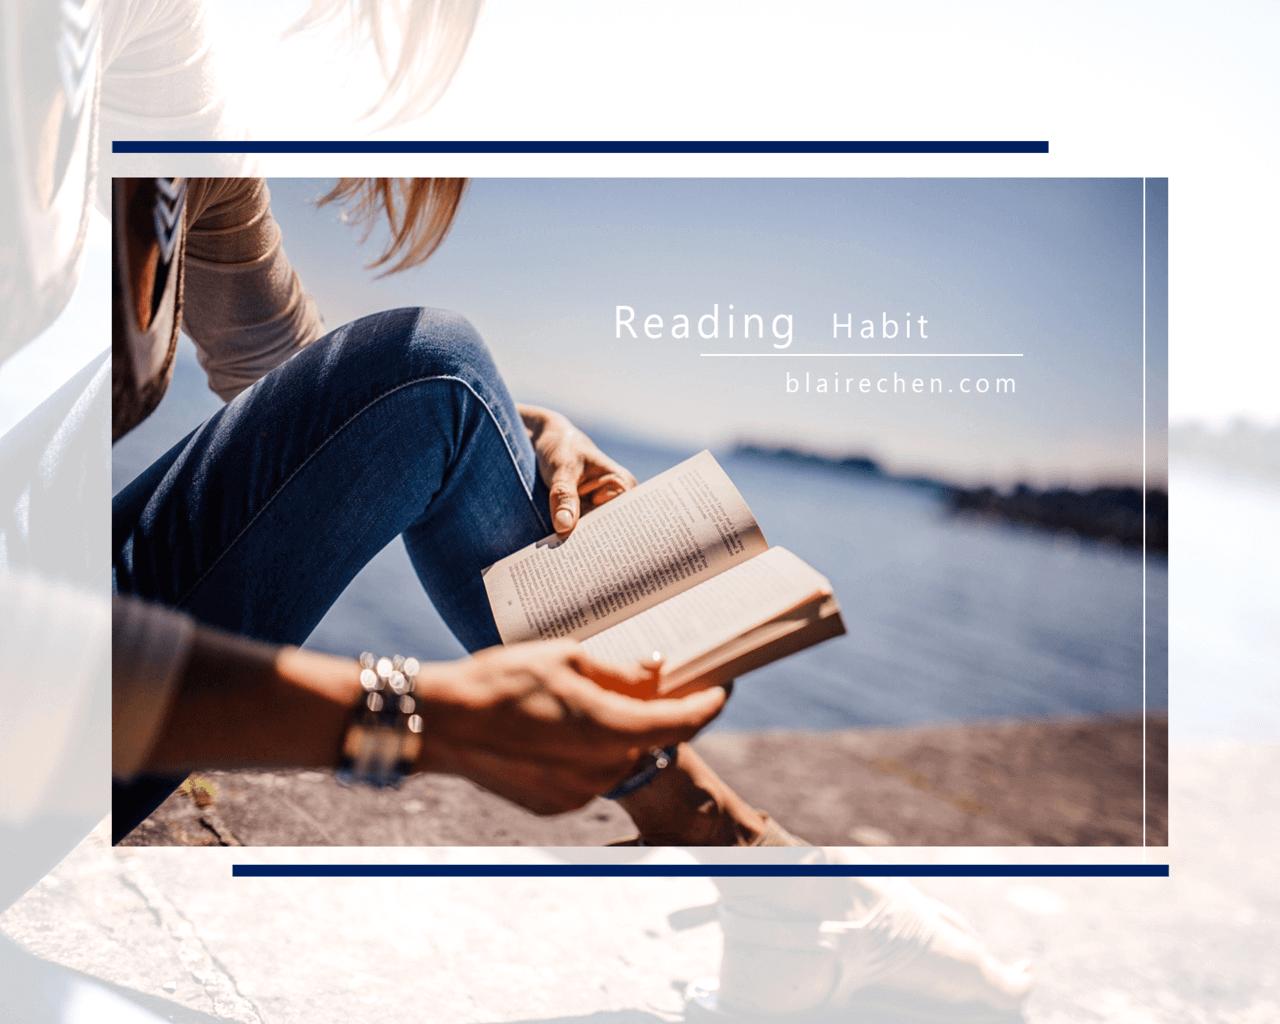 要怎麼擁有閱讀習慣呢?3 個小秘方快筆記、跟我做個持續看書的約定!